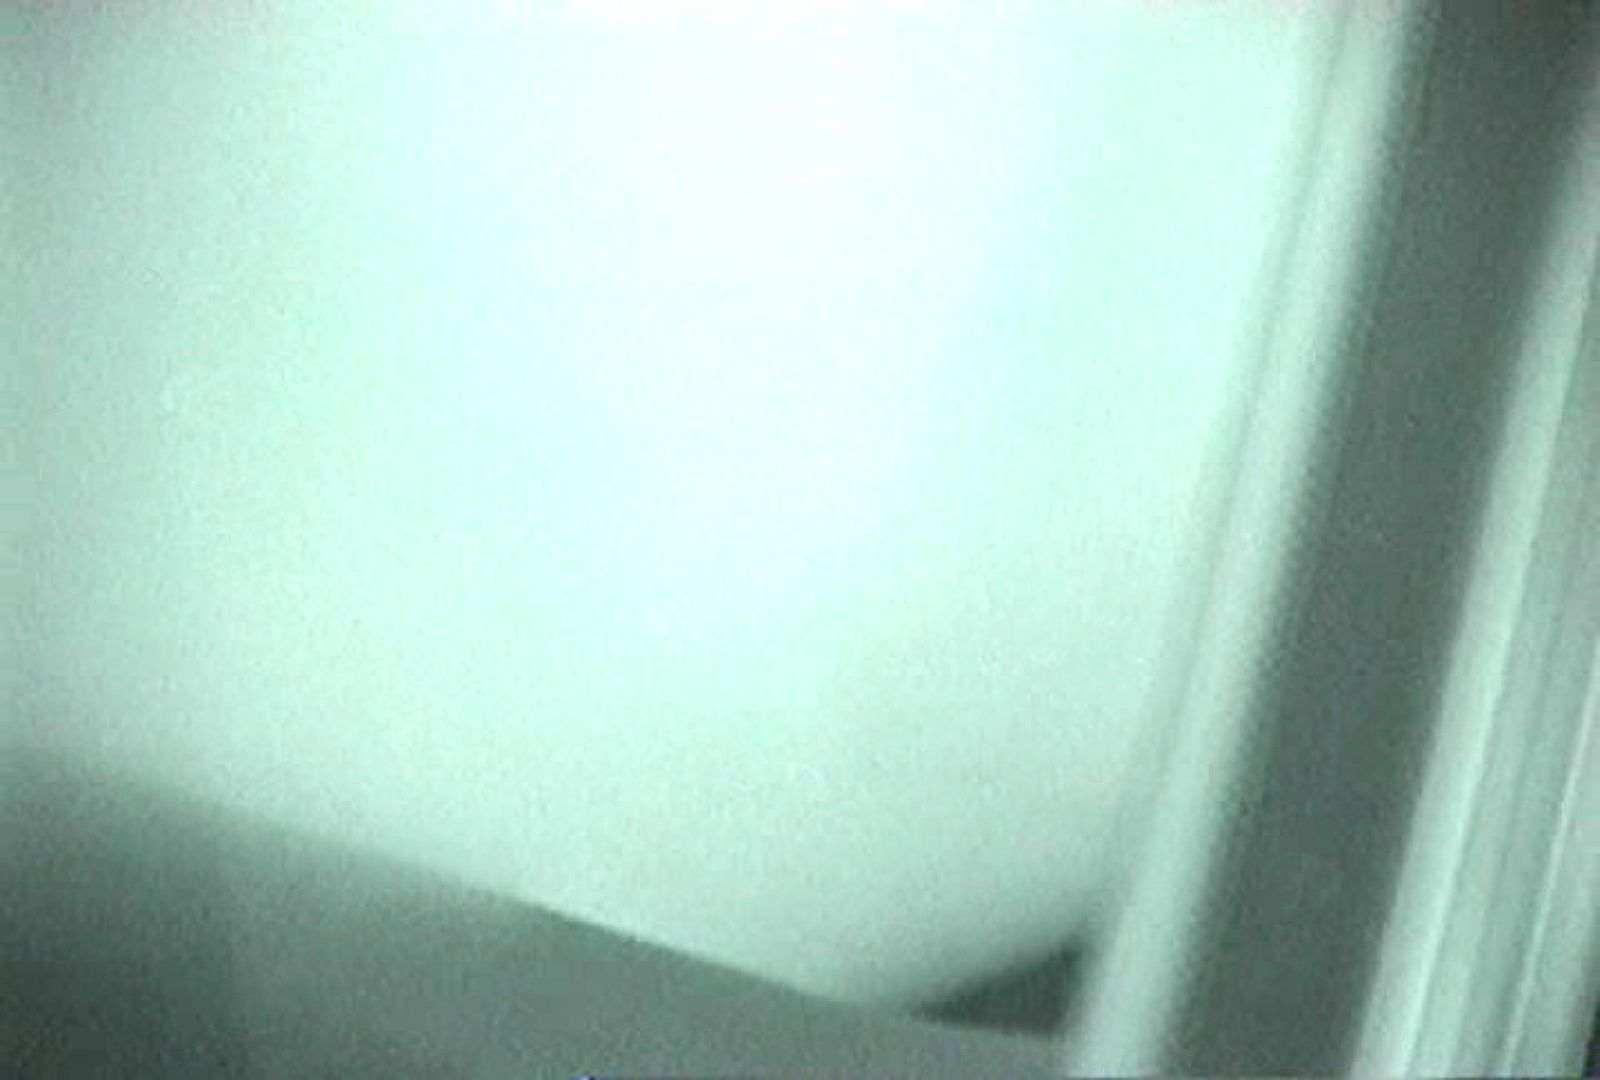 「充血監督」さんの深夜の運動会!! vol.052 OLの実態  97pic 88